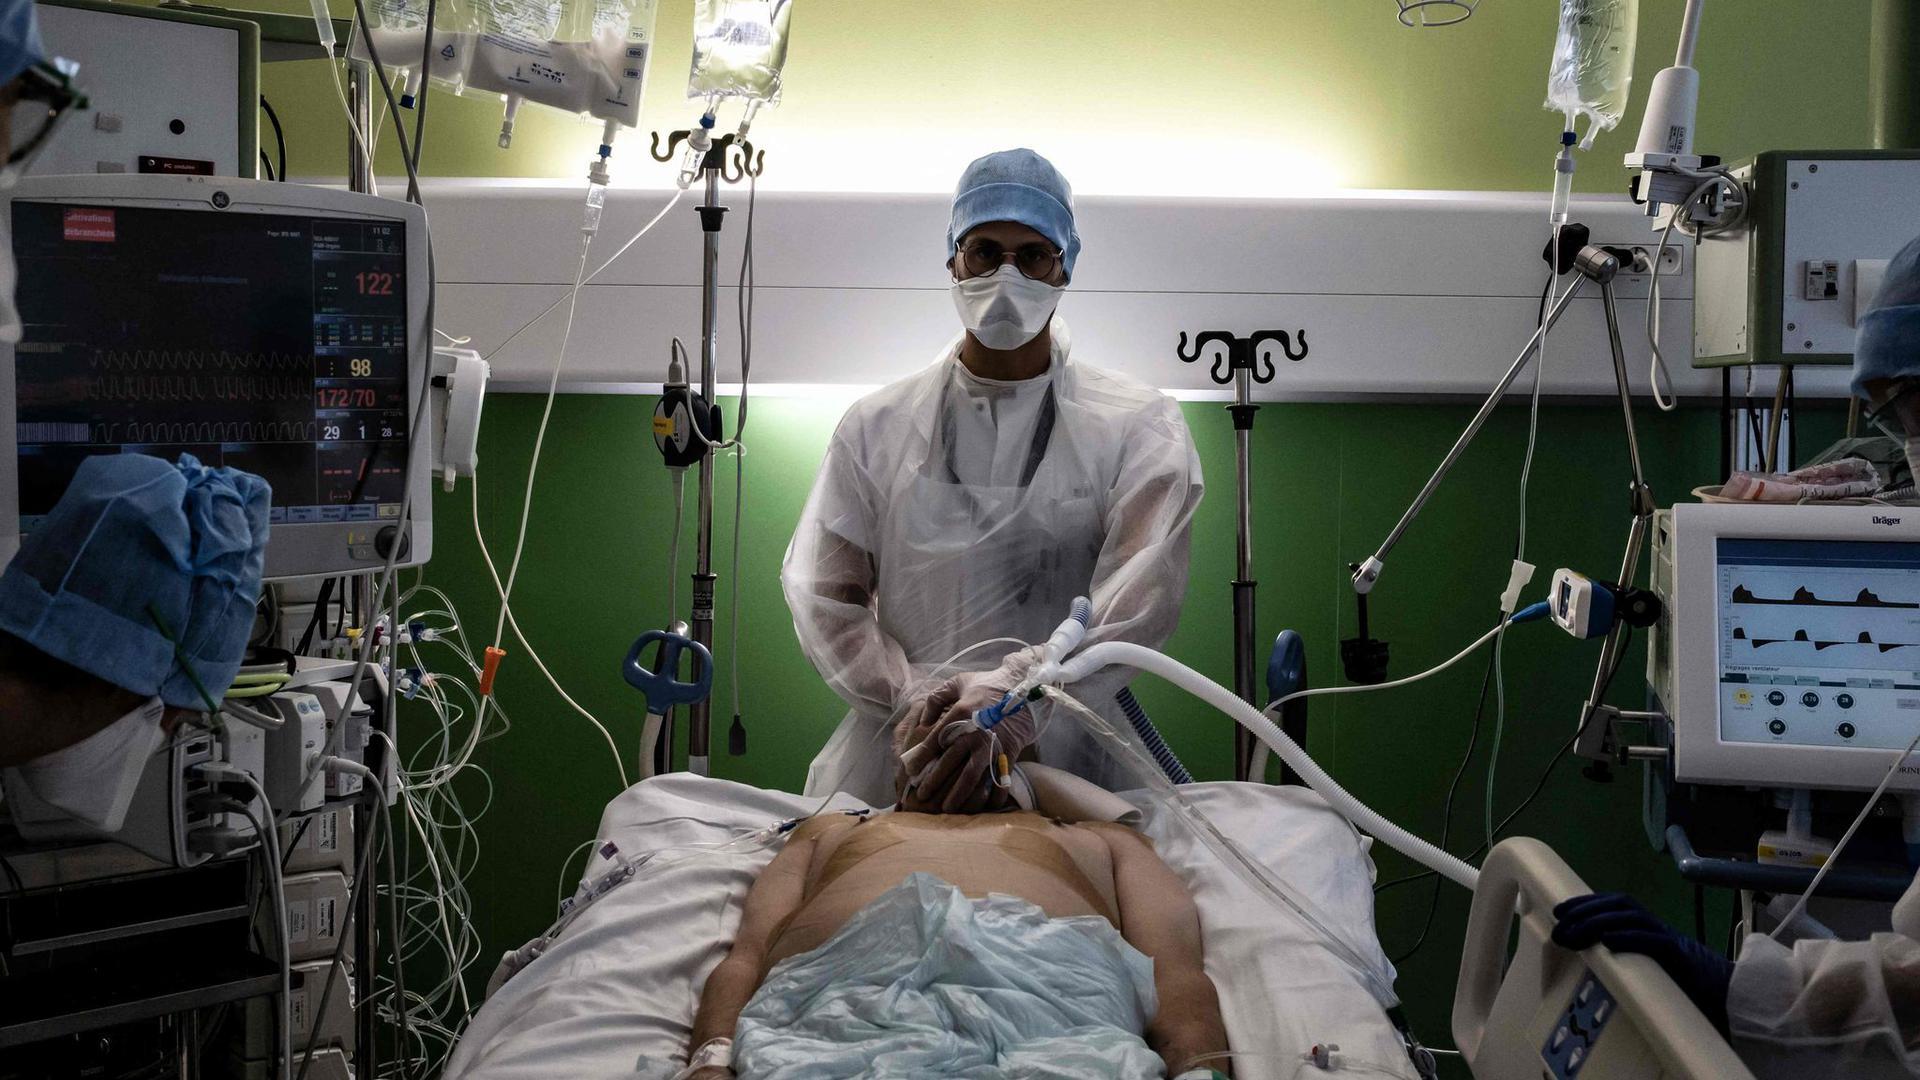 Ein medizinischer Angestellter (M) kümmert sich auf der Intensivstation eines Krankenhauses in Pierre-Benite um einen Corona-Patienten.